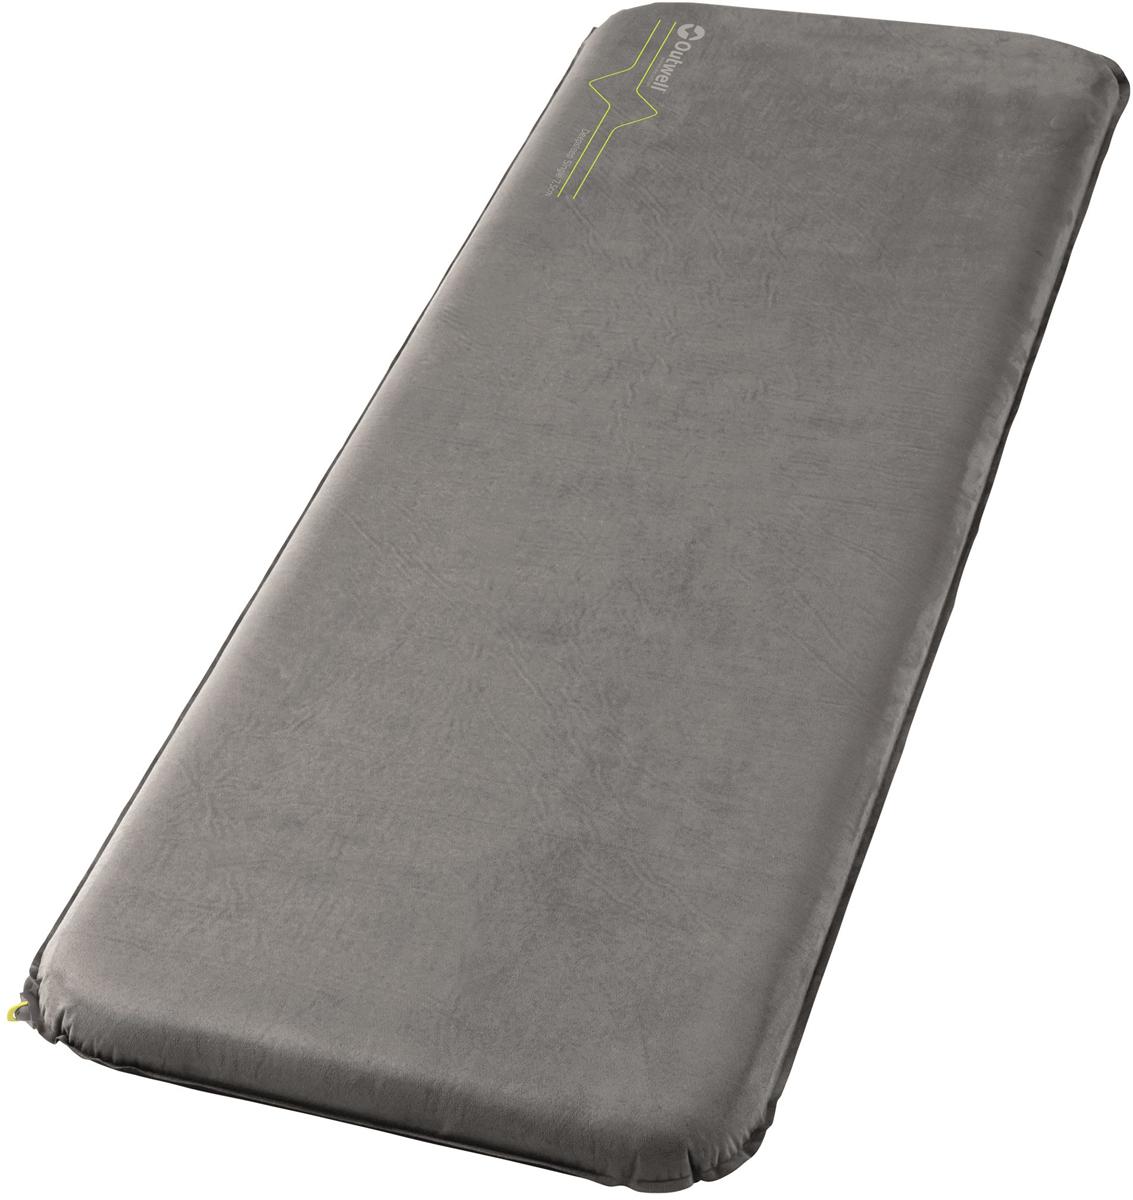 Коврик самонадувающийся Outwell Deepsleep Single, 195 х 63 х 7,5 см коврик самонадувающийся outwell dreamcatcher single 195 х 63 х 5 см